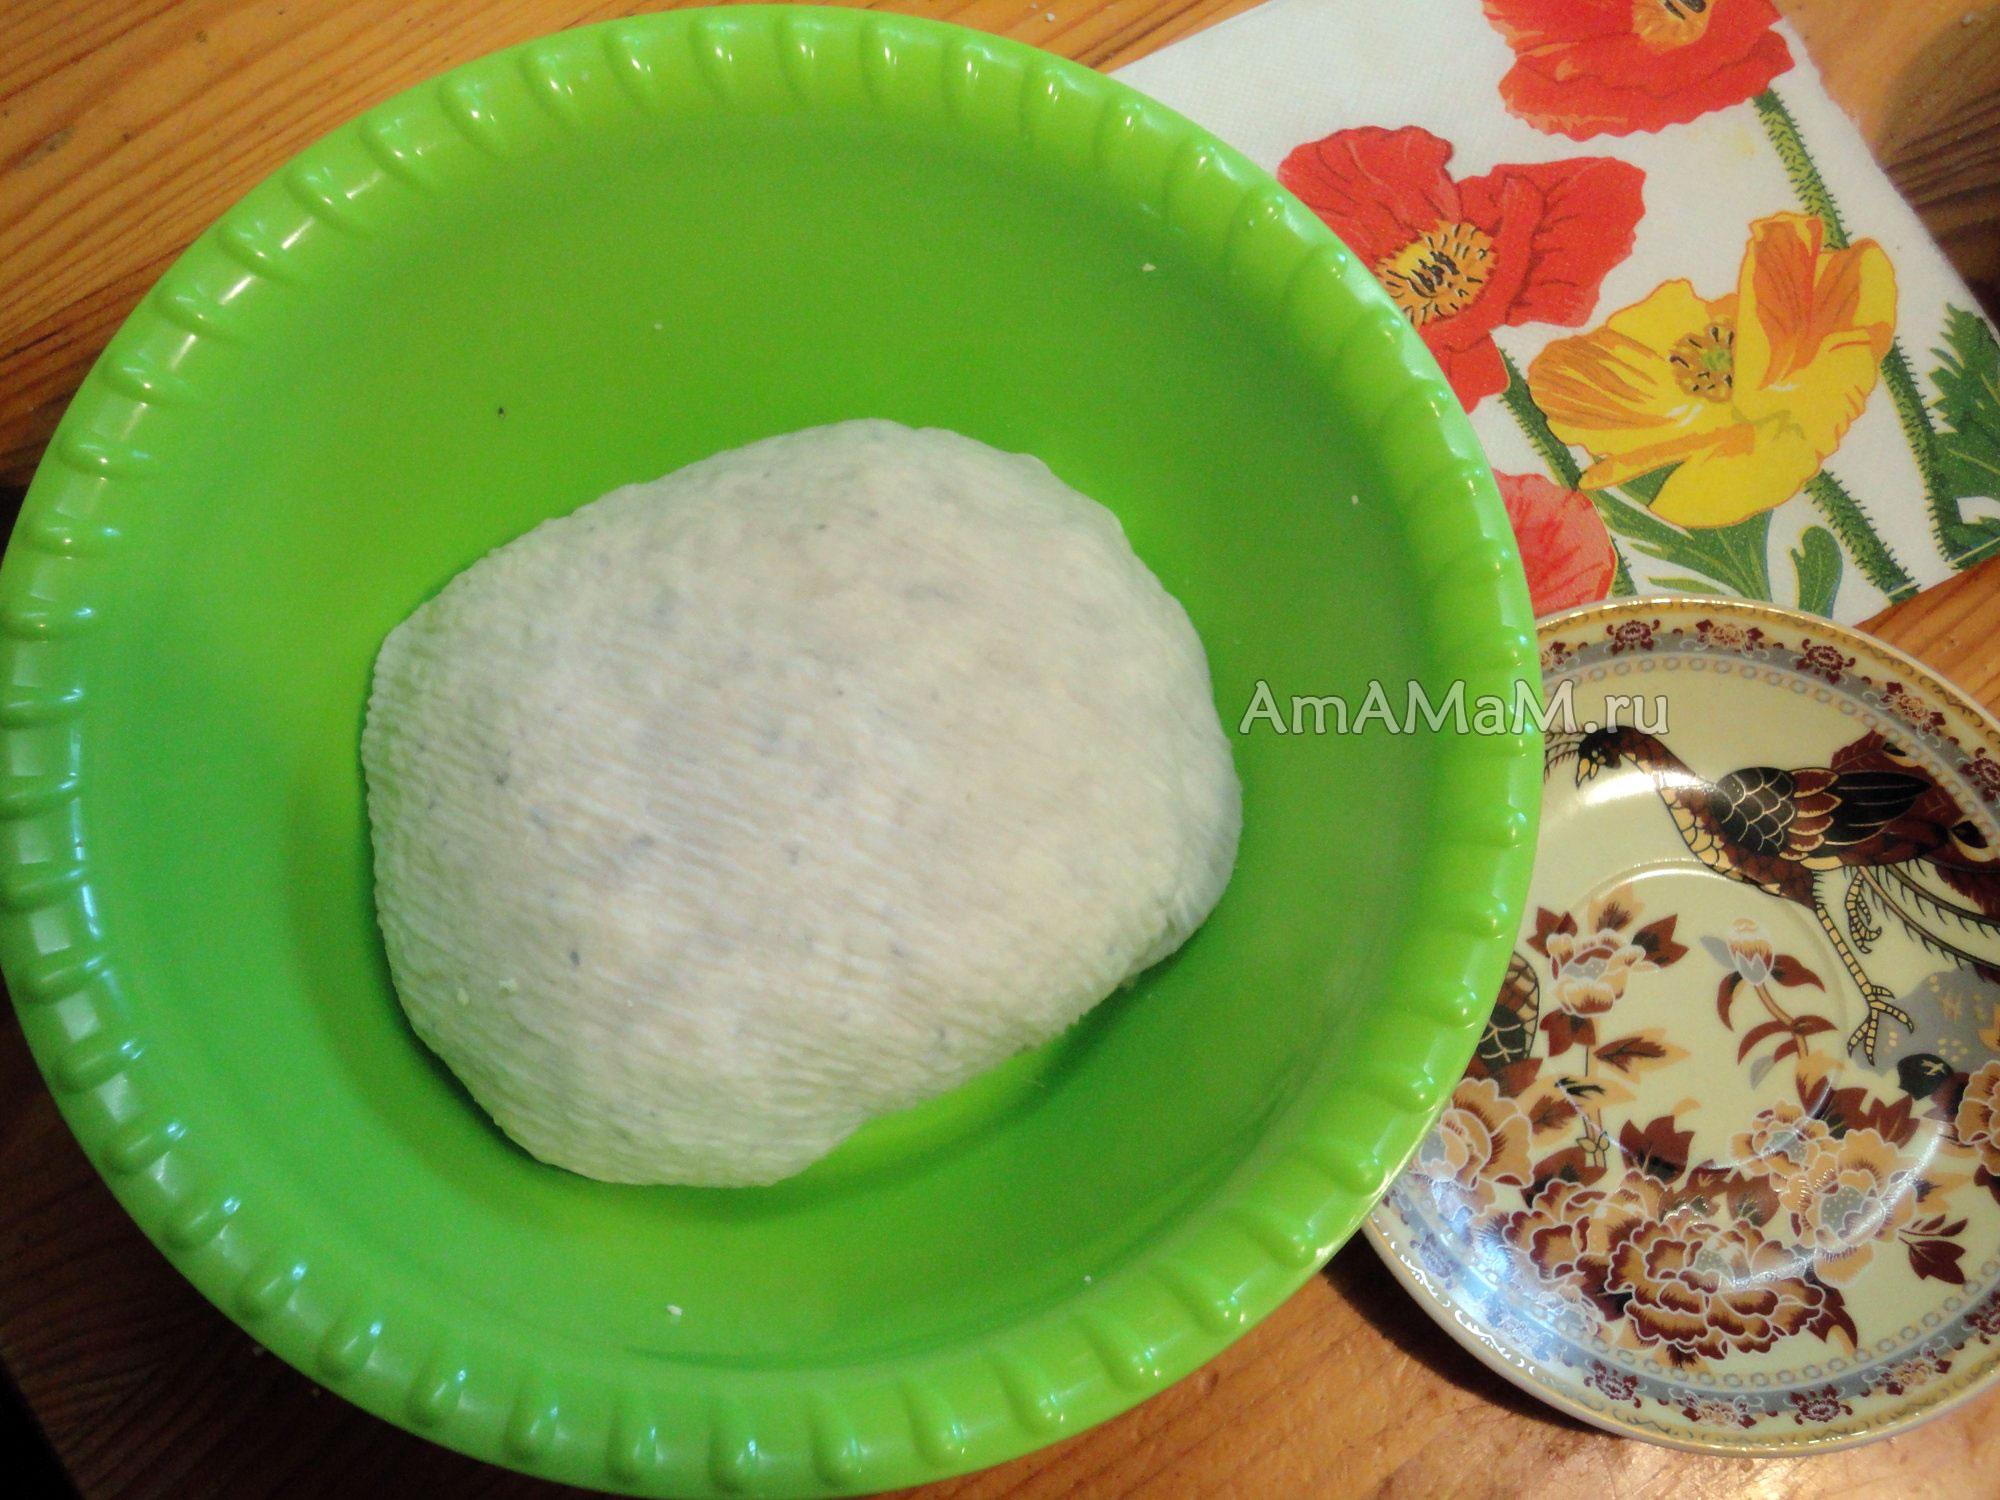 Как приготовить сыр маскарпоне в домашних условиях рецепт